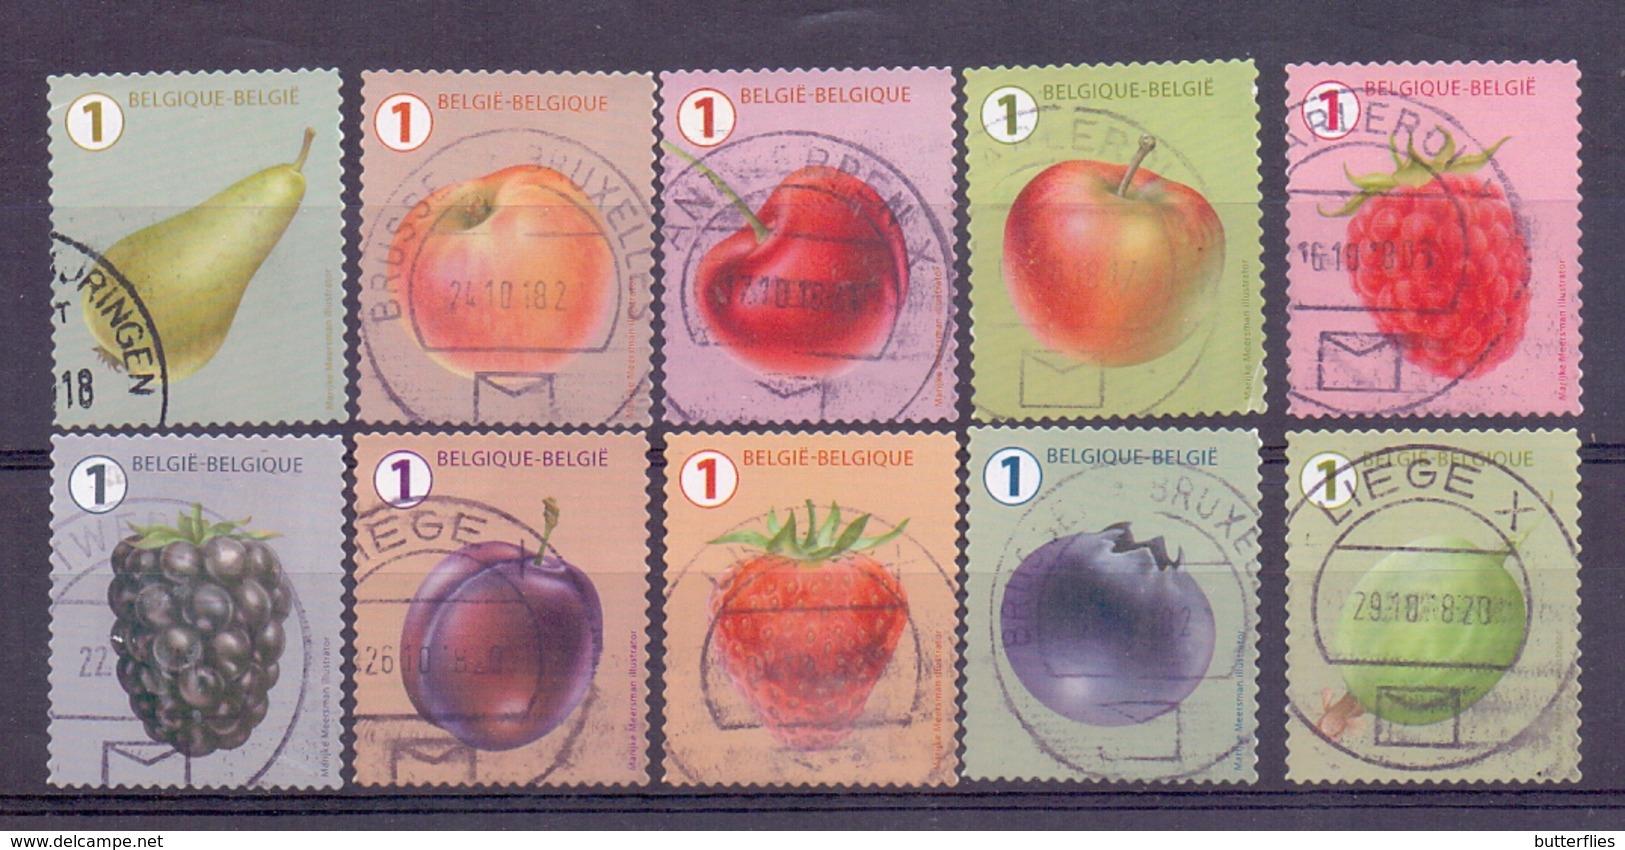 Belgie - 2018 - OBP -  Fruit - M.Meersman - Zonder Papierresten - Belgique